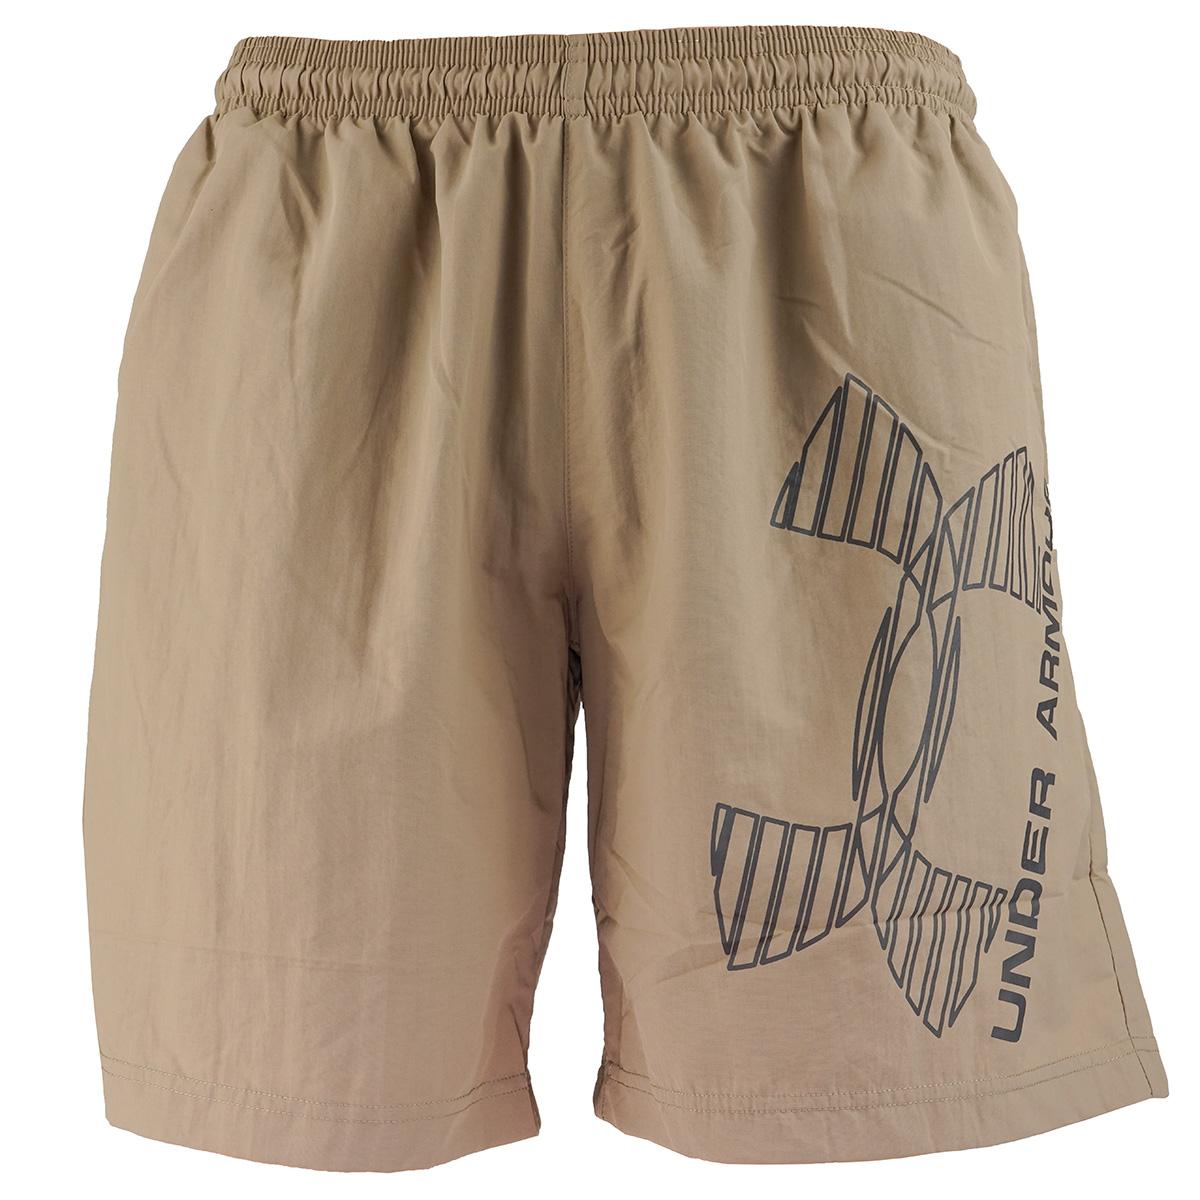 Under Armour Men's UA Big Logo Woven Shorts